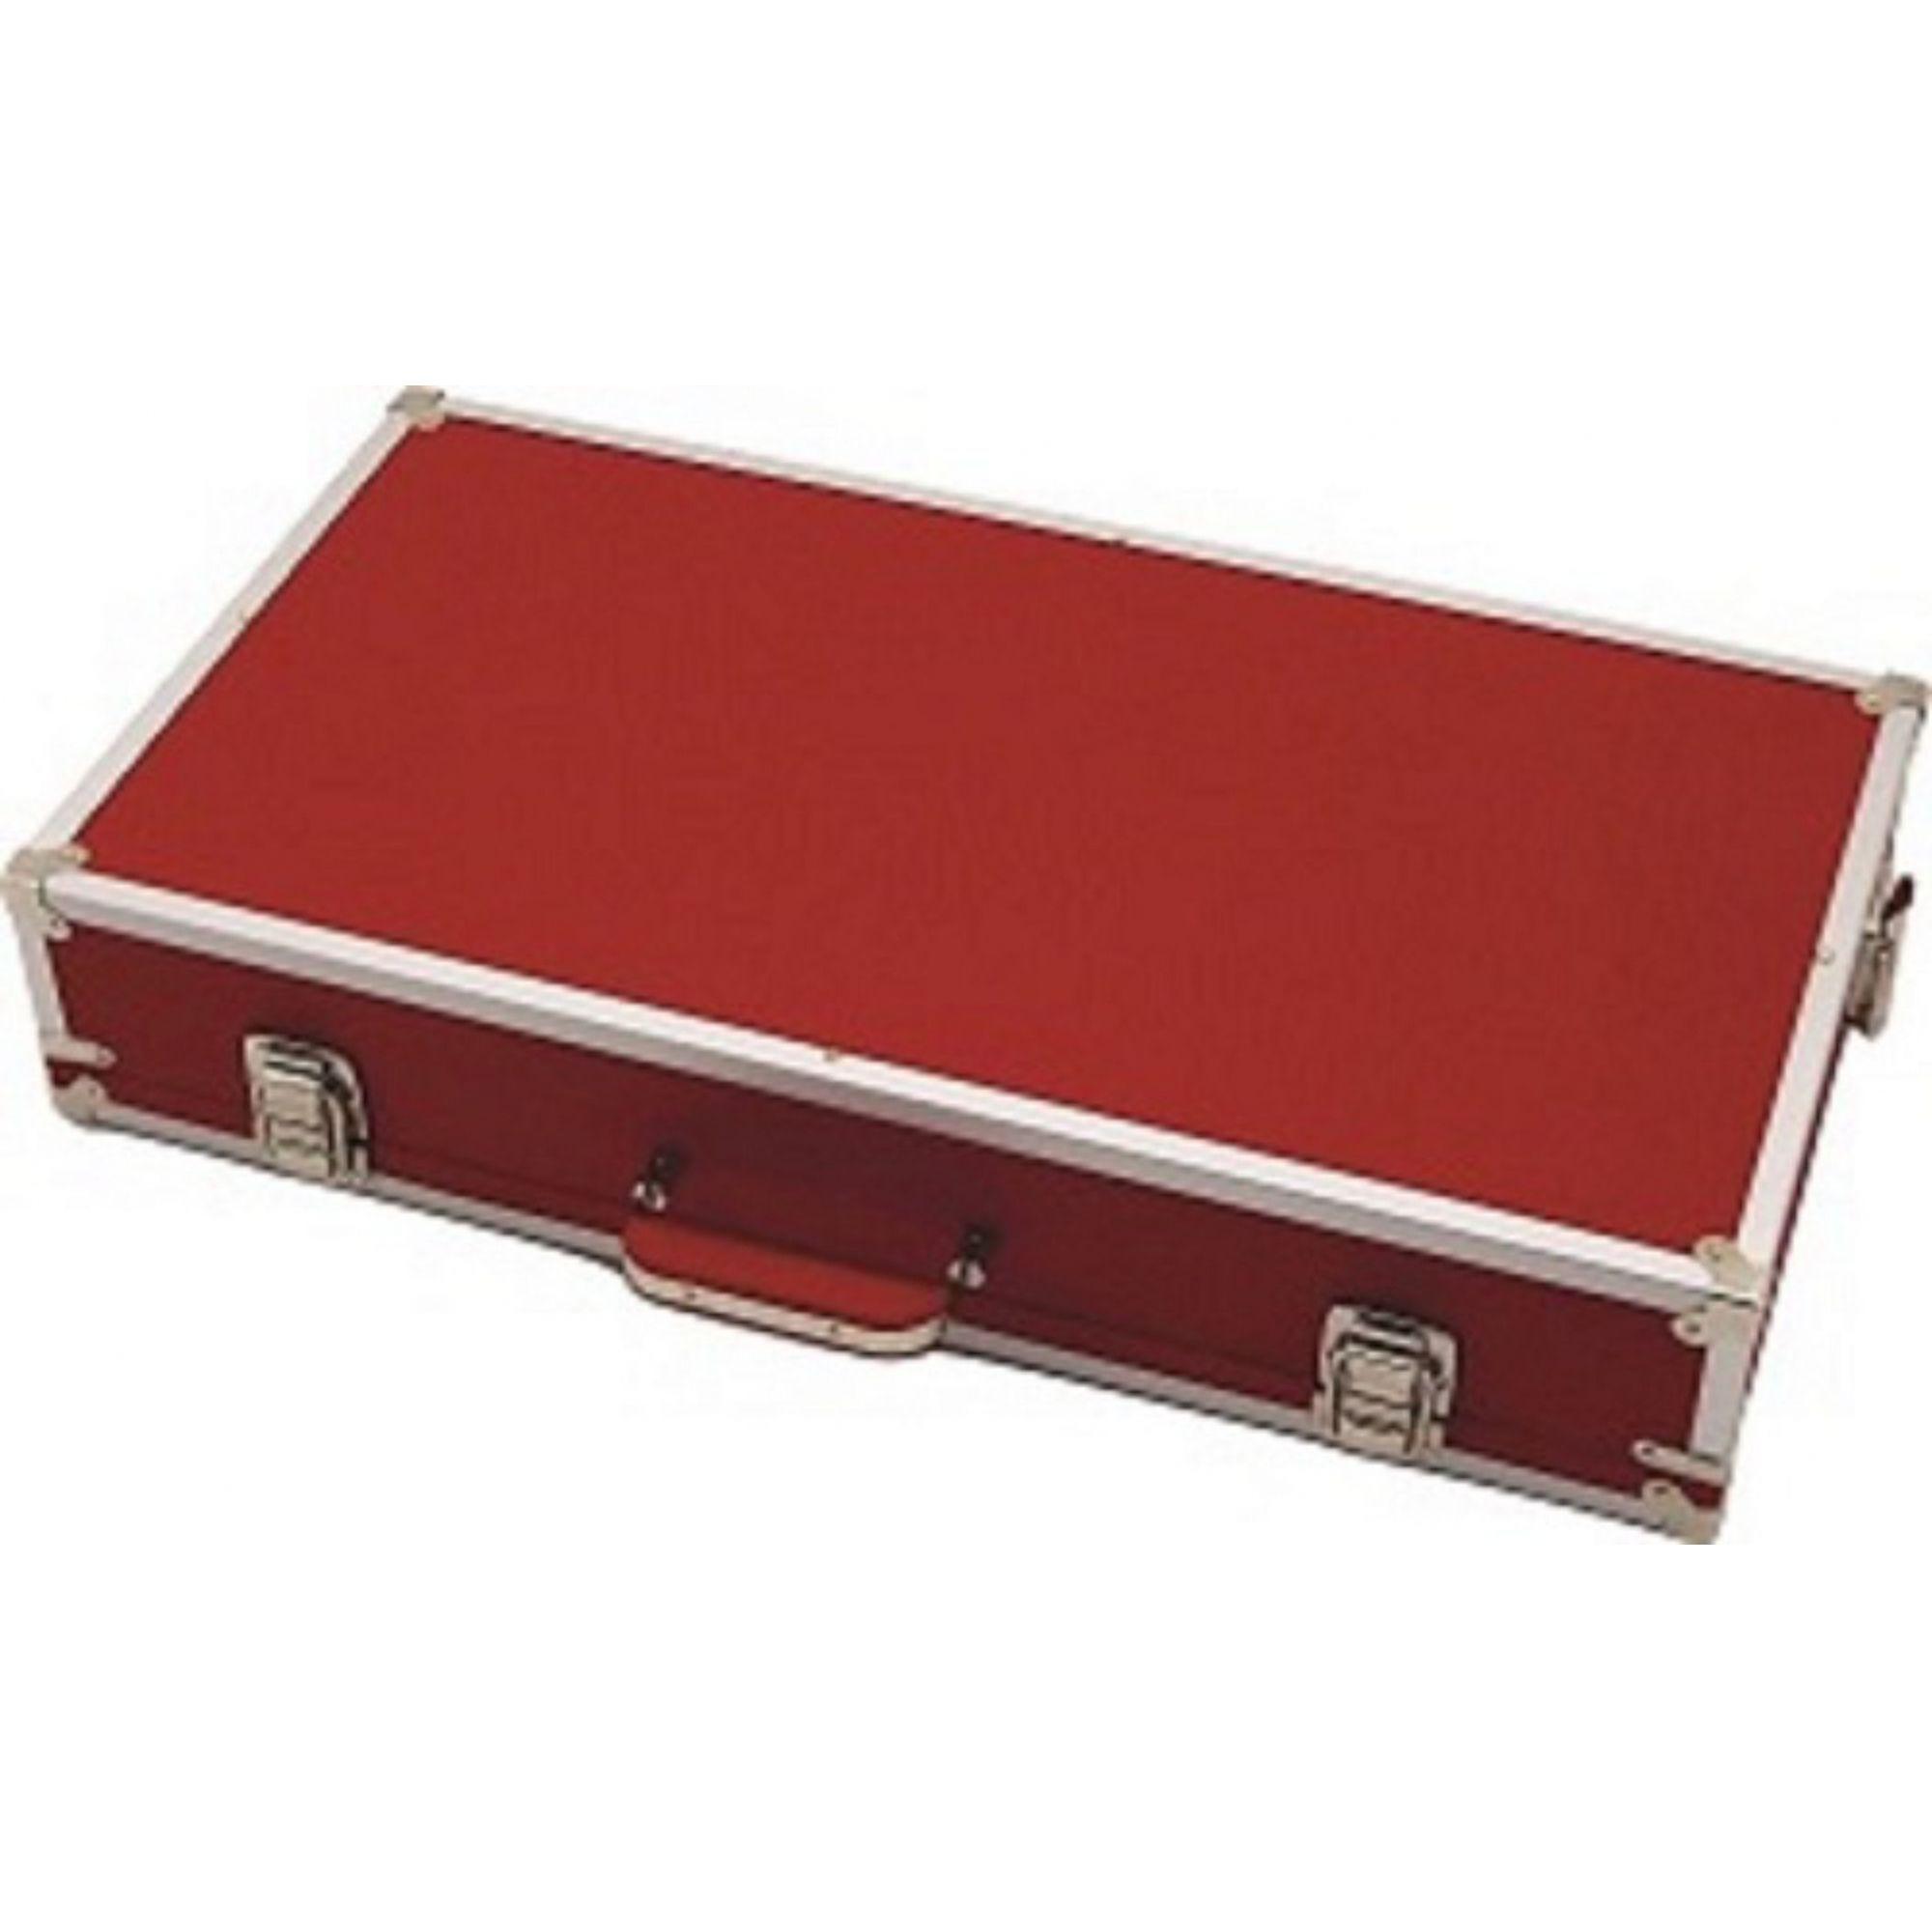 Case Pedais Pedaleira Boss Line6 Gt10 Zoom Vermelho Fama